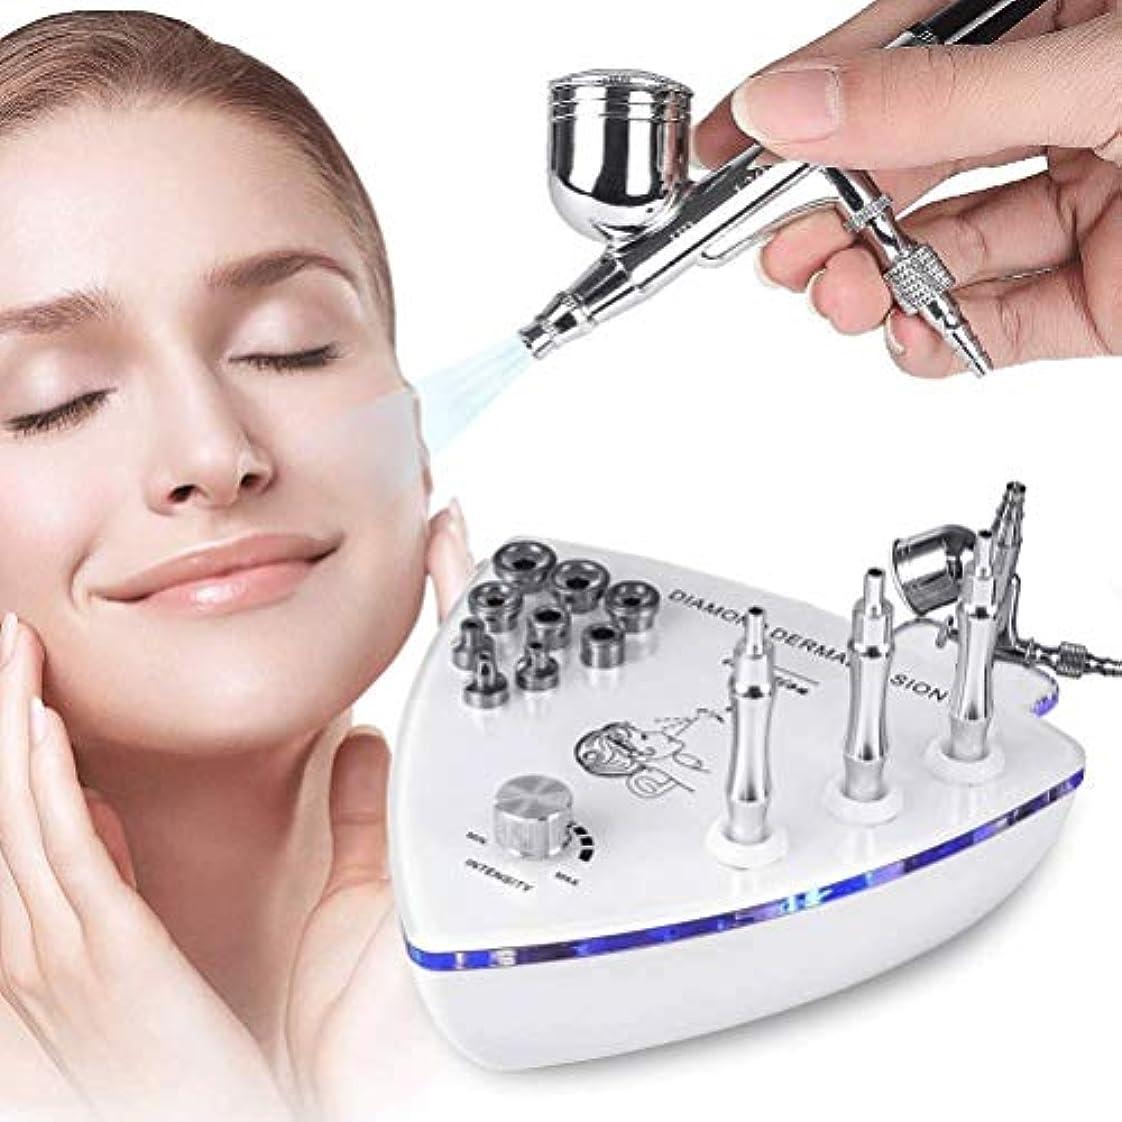 菊積極的に環境に優しい美容機器 - ダイヤモンドMicroderma - スプレーガン散水真空吸引ピーリング?フェイシャルマッサージでBrasion皮膚剥離マシン